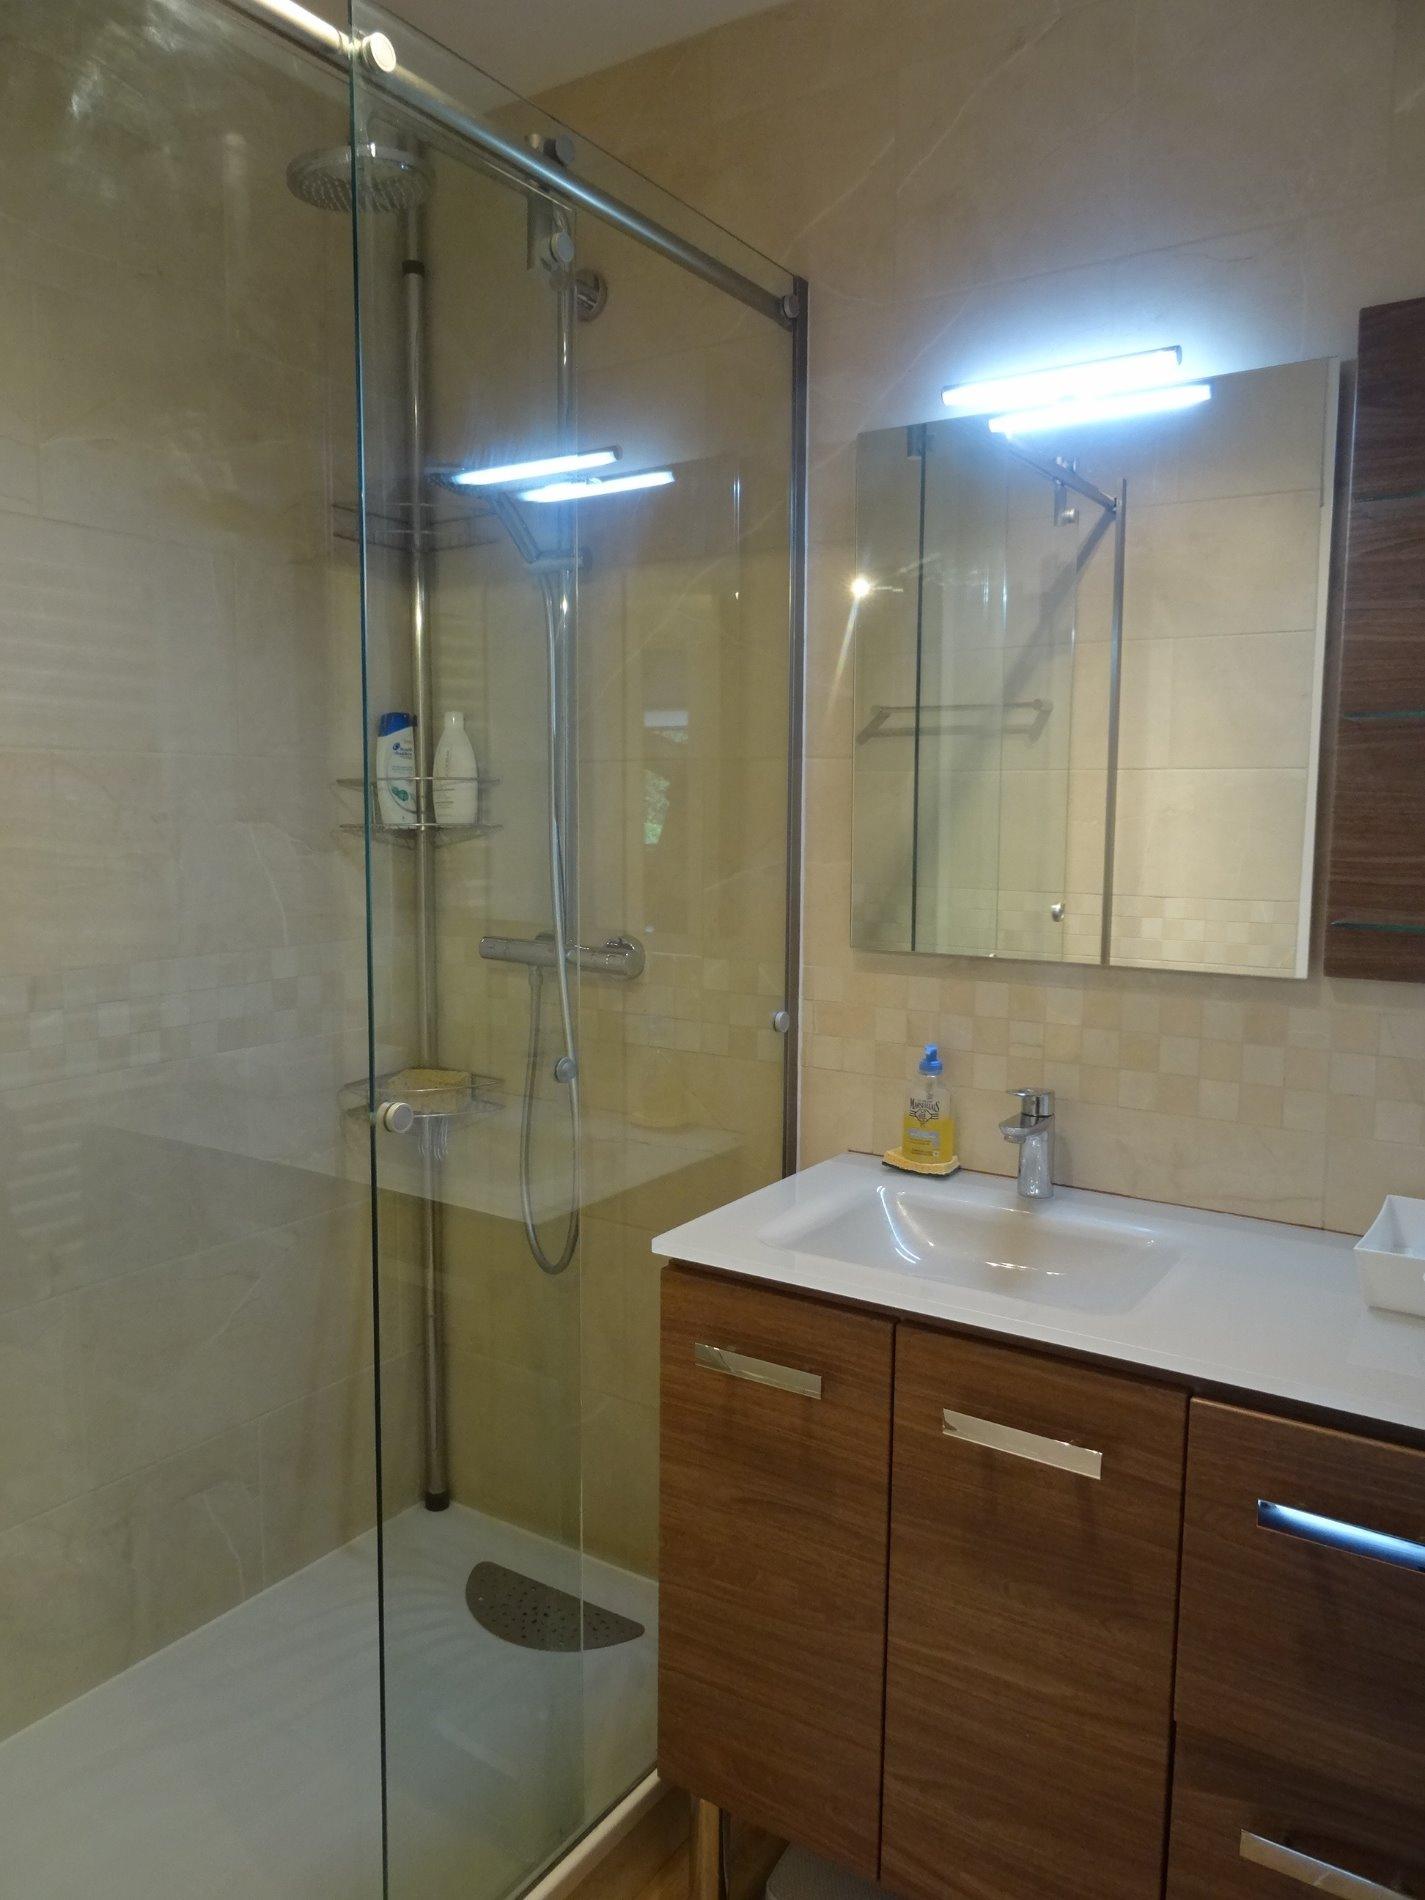 location meudon monoprix 2 pieces meuble 48m 1095 cc. Black Bedroom Furniture Sets. Home Design Ideas